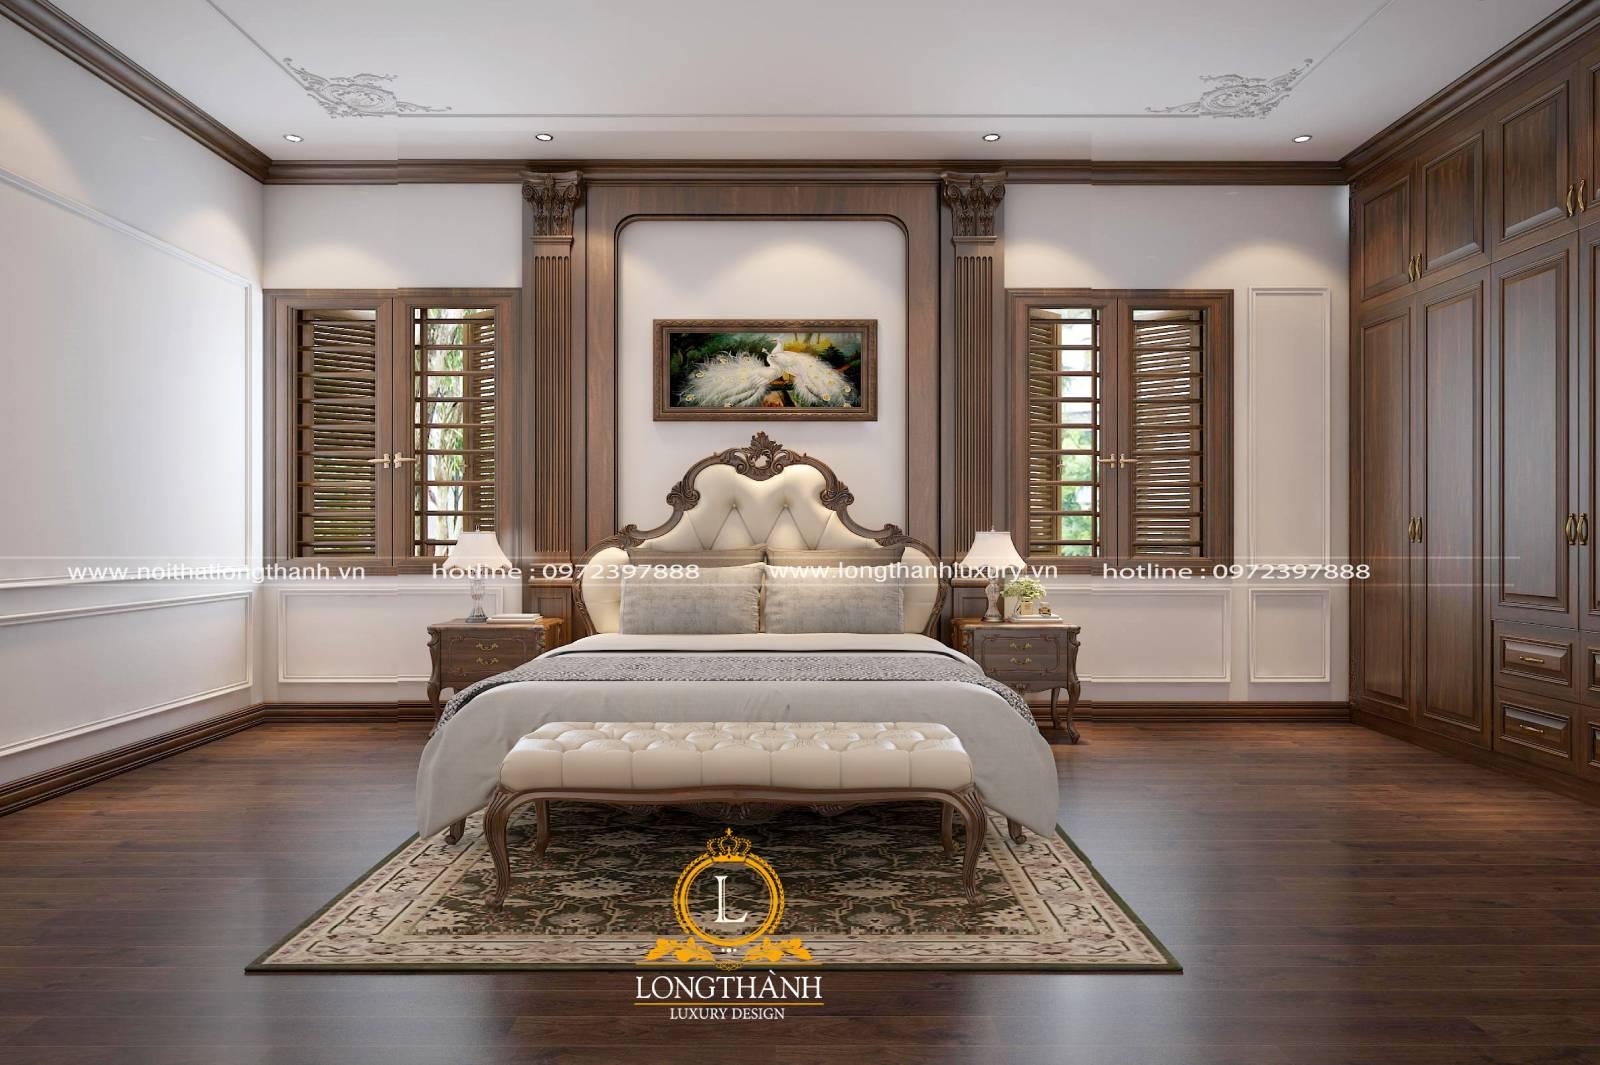 Nội thất bằng gỗ cho phòng ngủ sang trọng